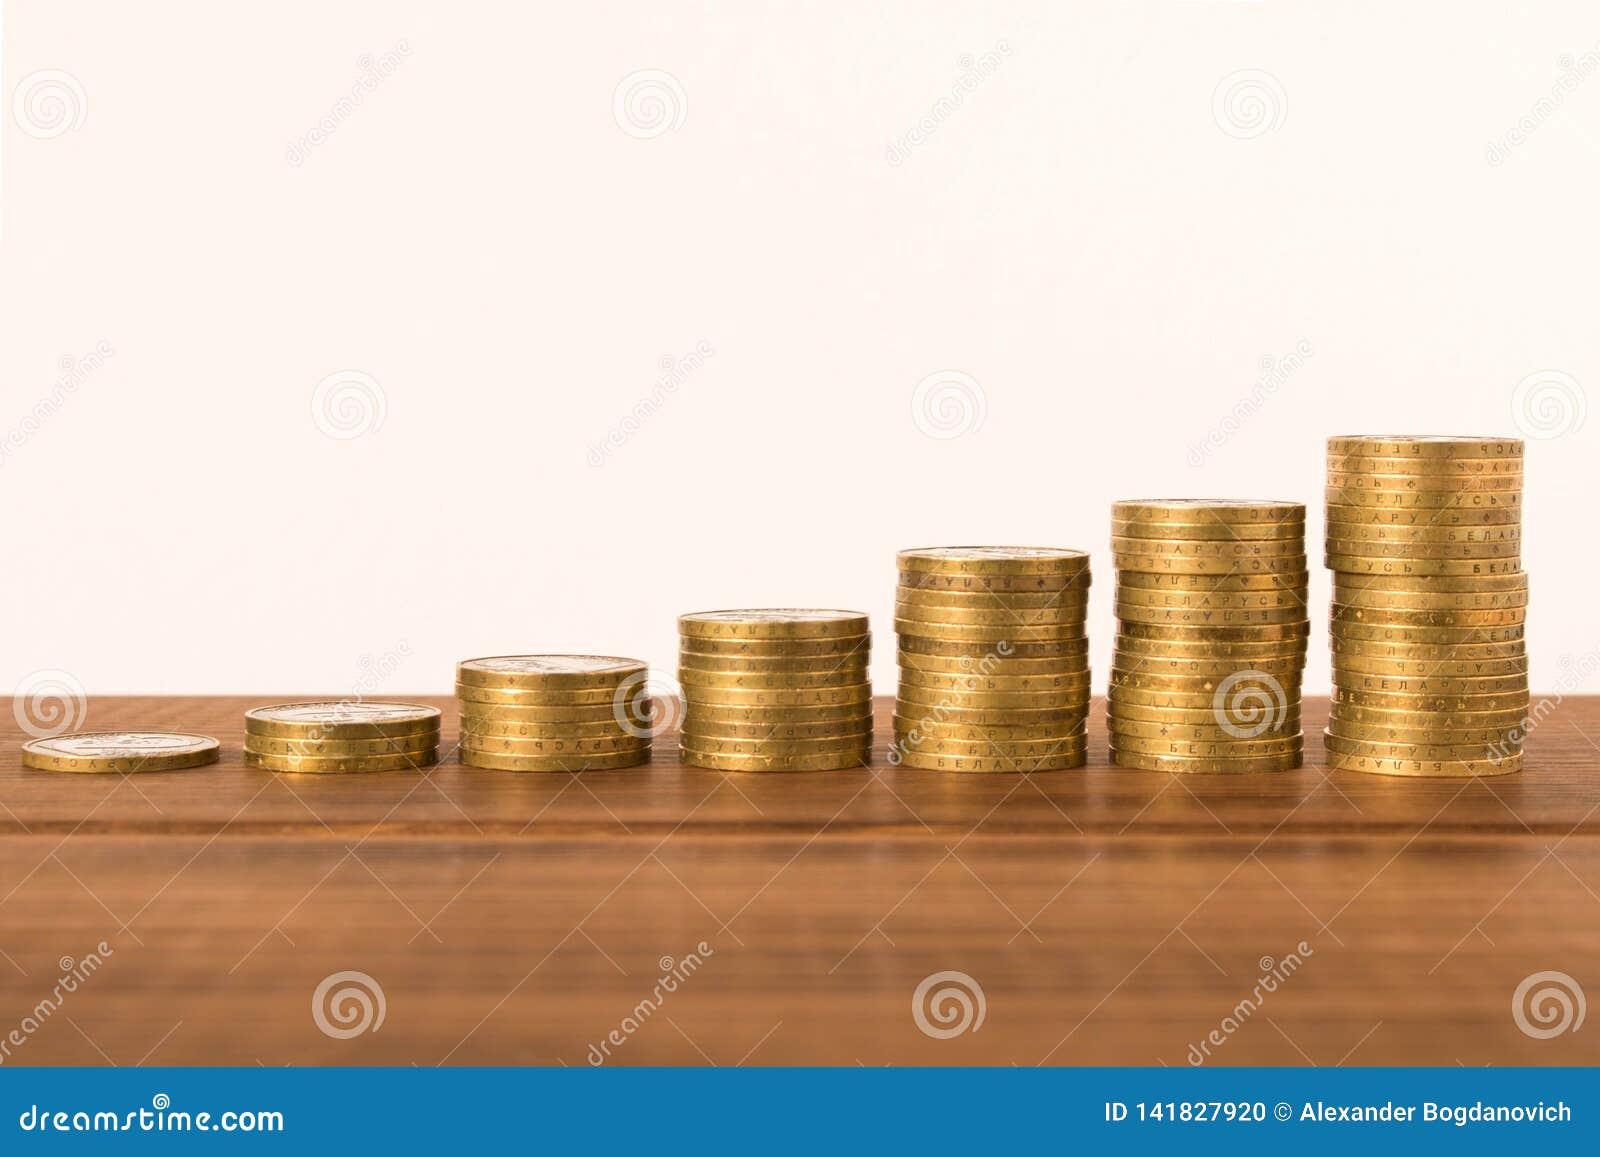 Stapels muntstukken op een houten lijst Bedrijfsconcept en de groei van kapitaal Selectieve nadruk